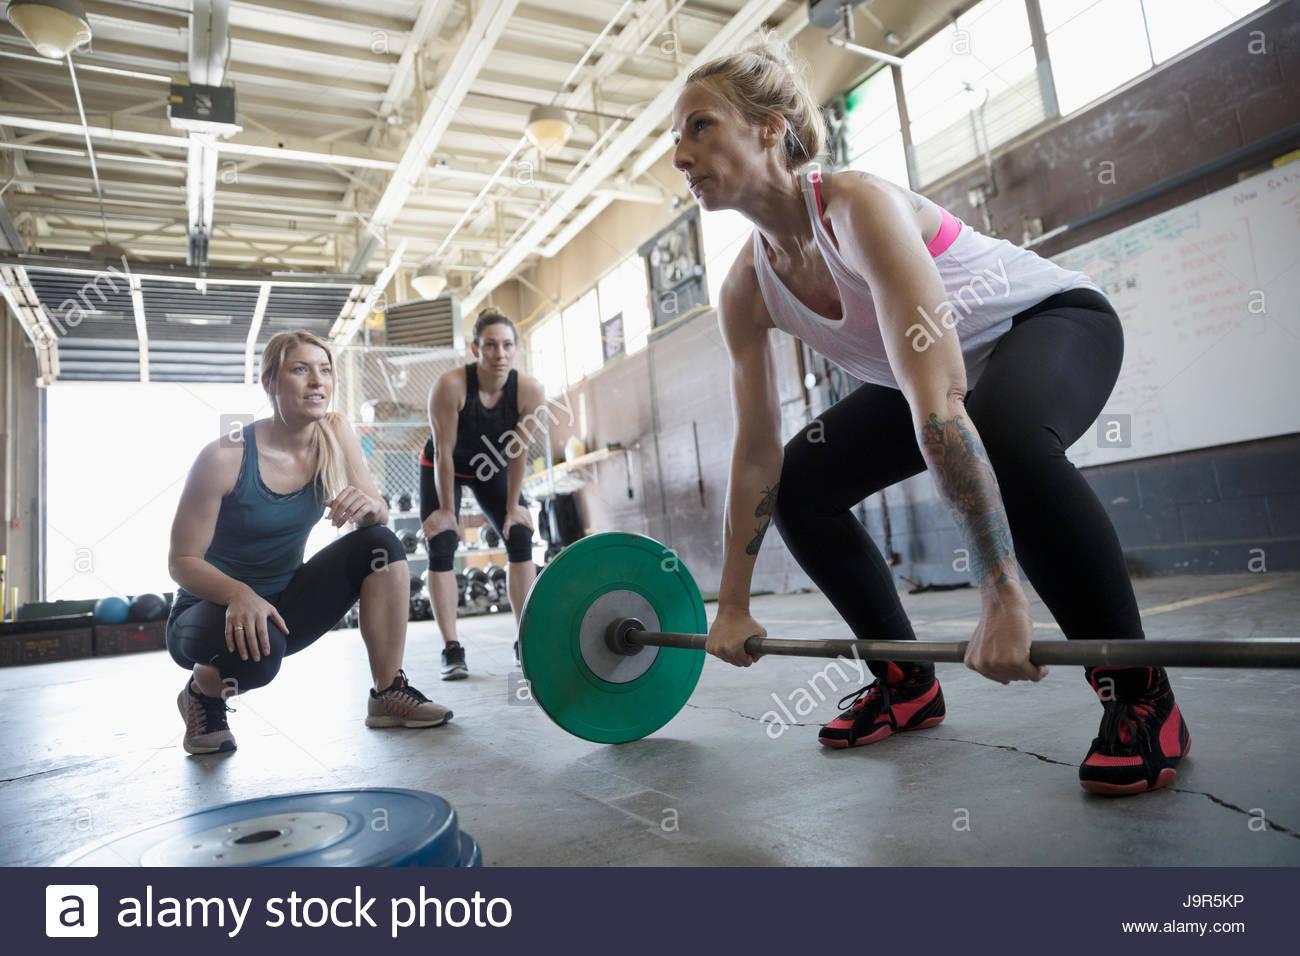 Le donne amico motivante il sollevamento pesi, facendo barbell deadlift a grintoso palestra Immagini Stock